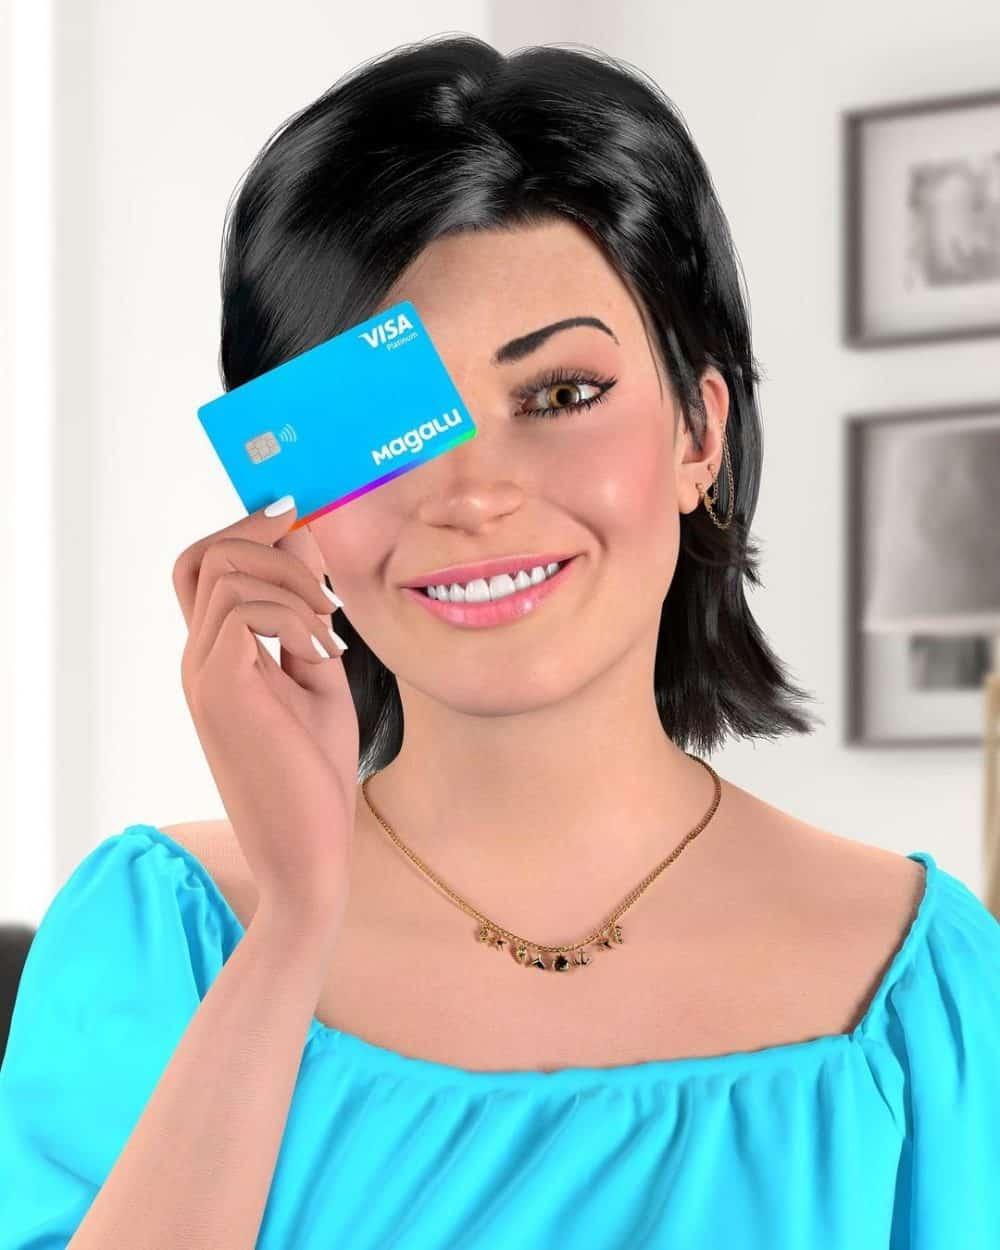 Cartão magalu visa platinum: veja como solicitar!